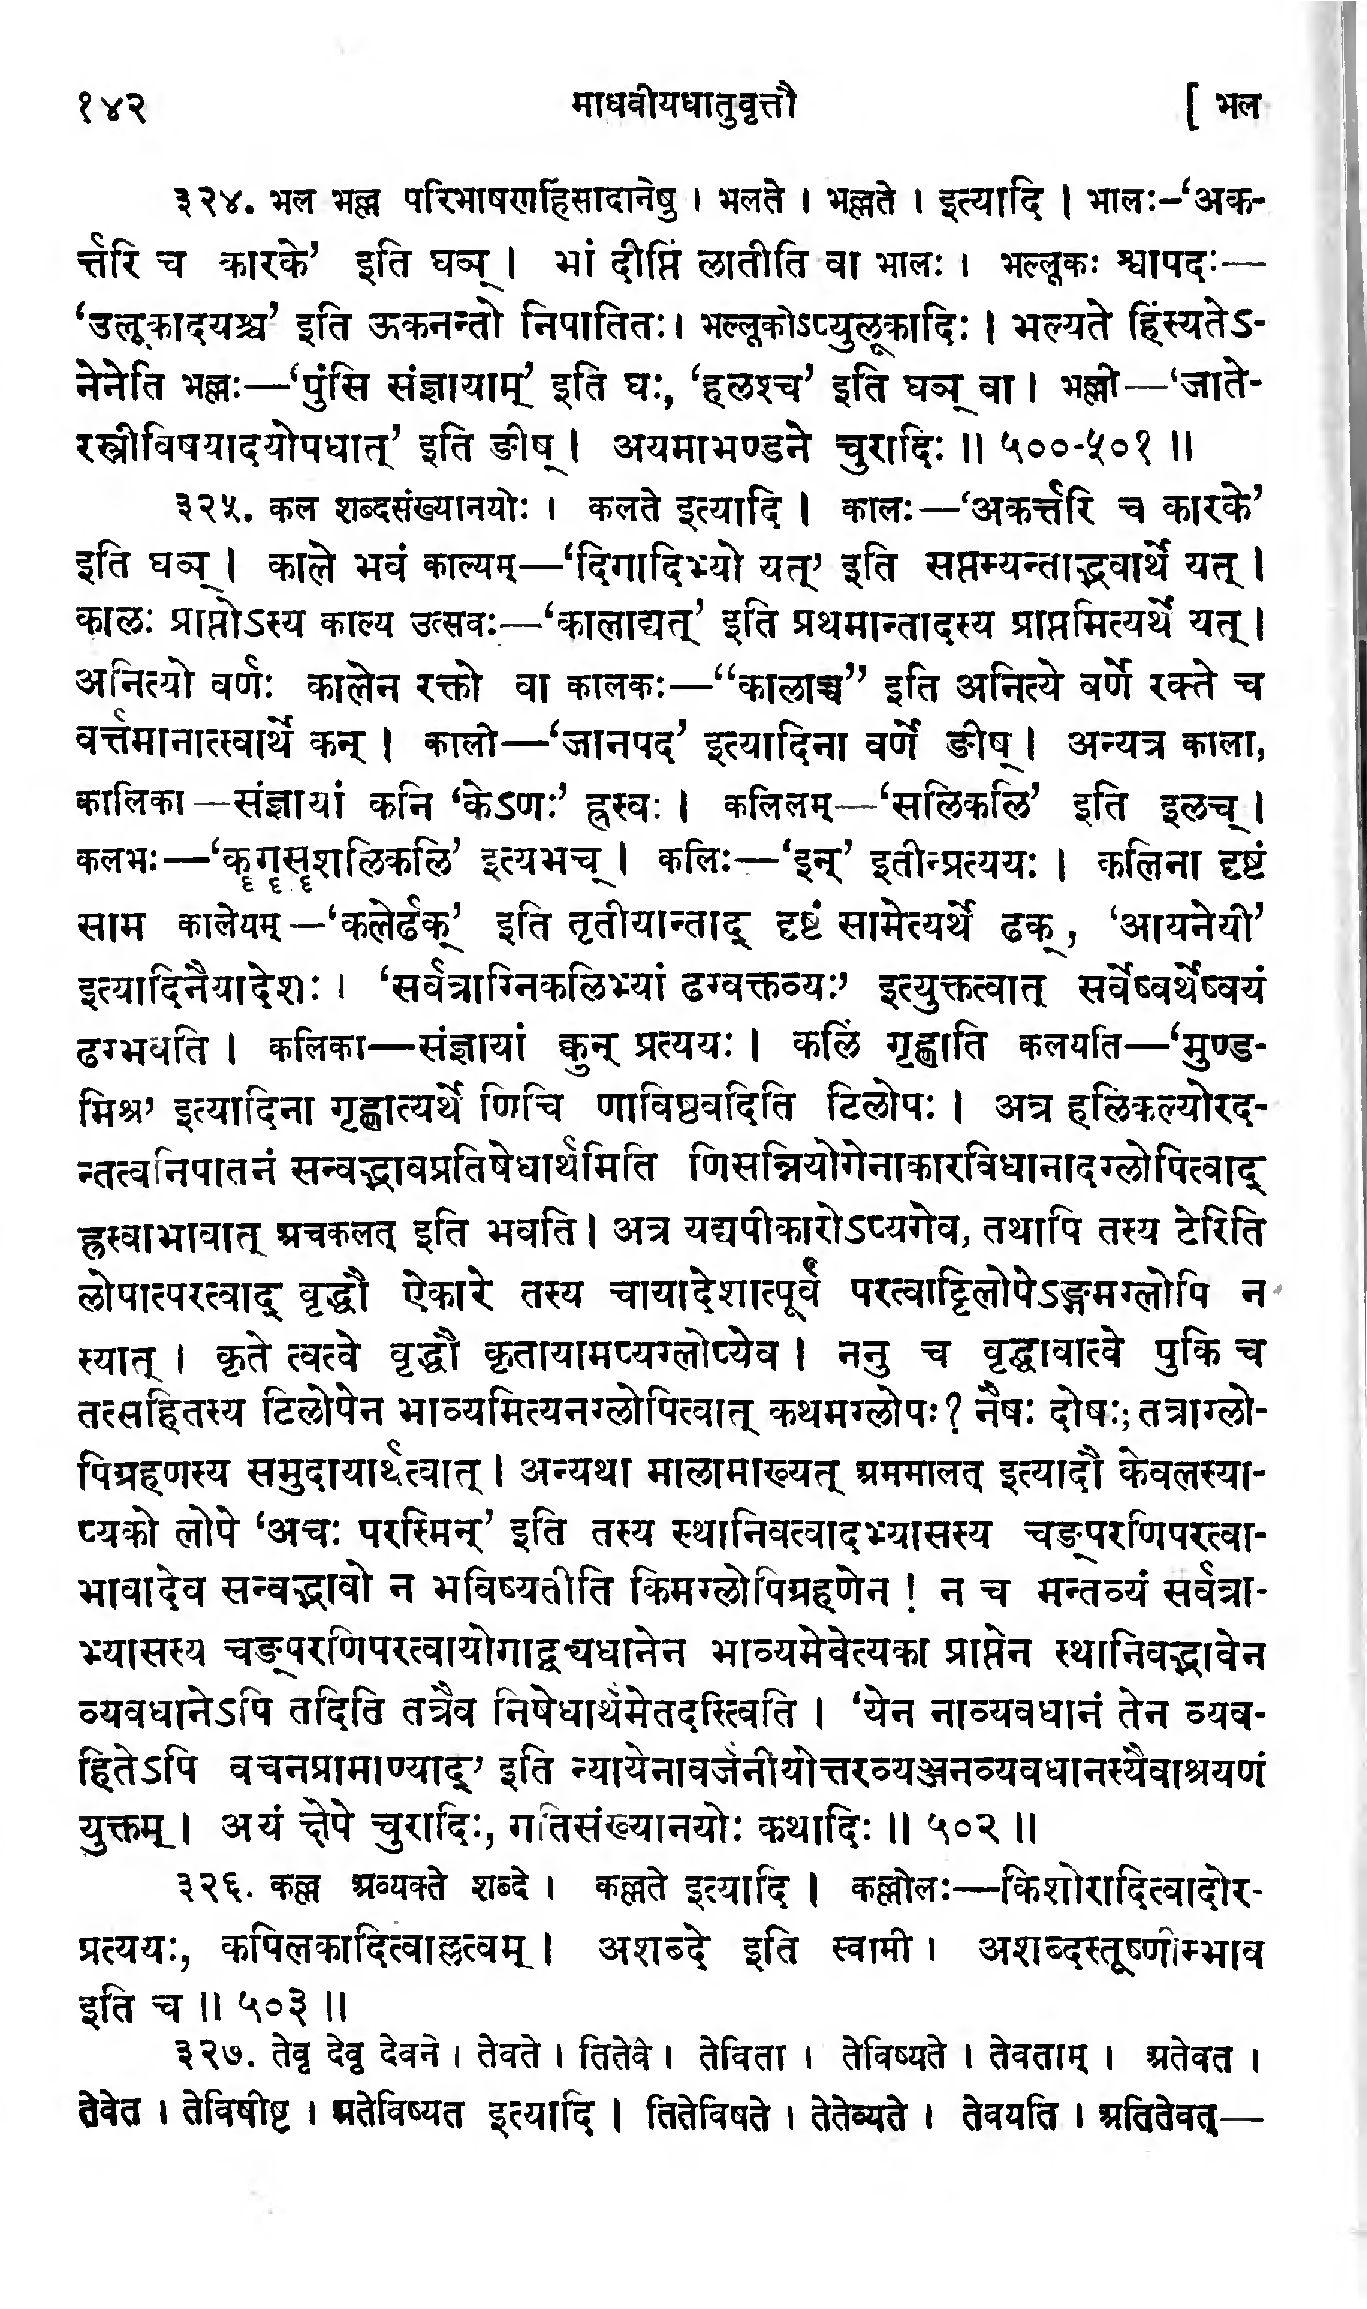 Sanskrit Dictionary Antam Gold 2 Gram Kal Kala A Abdasakhynayo 1